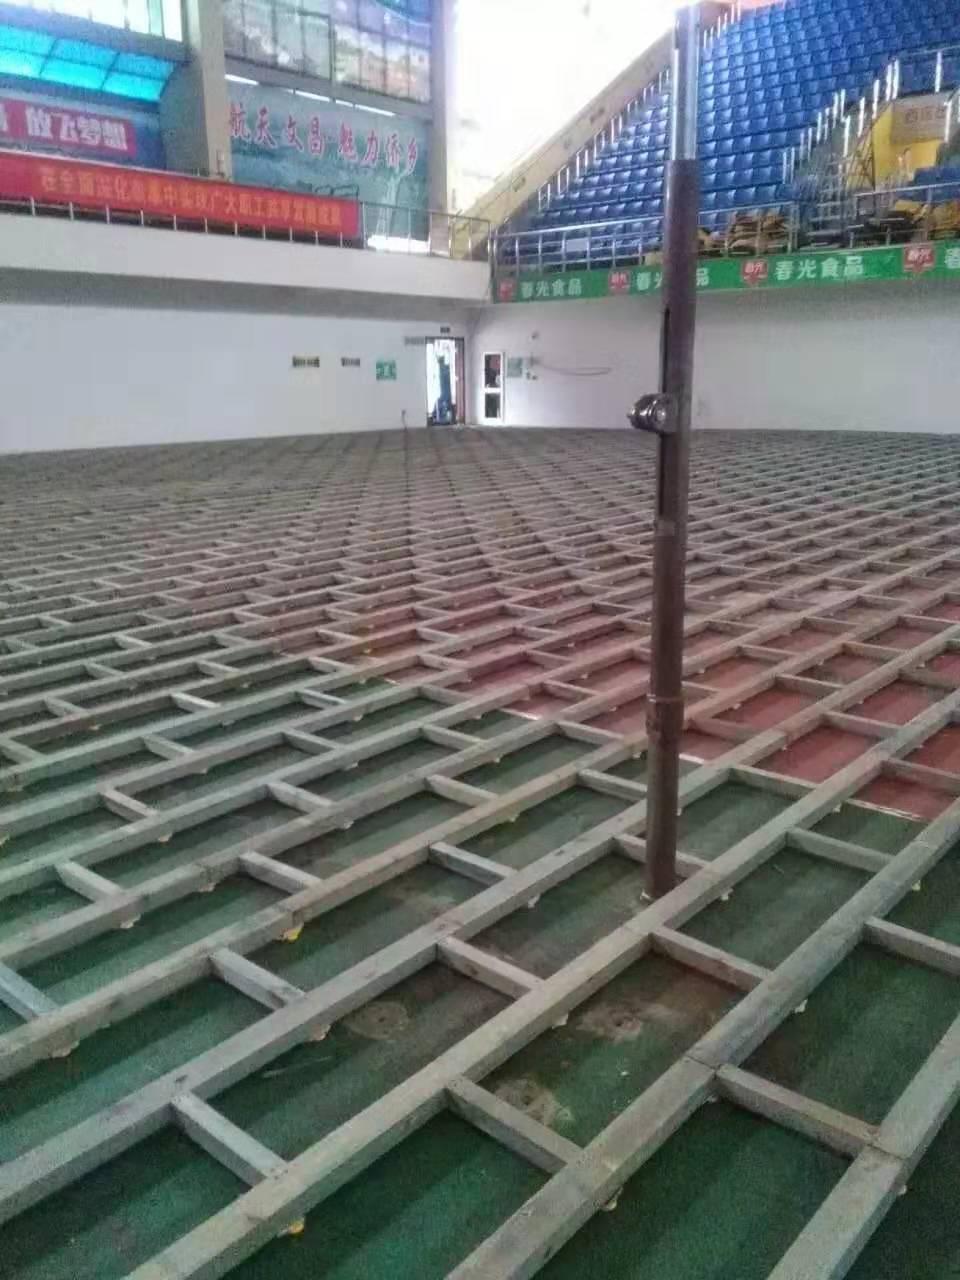 安徽三秒区体育馆运动木地板翻新厂